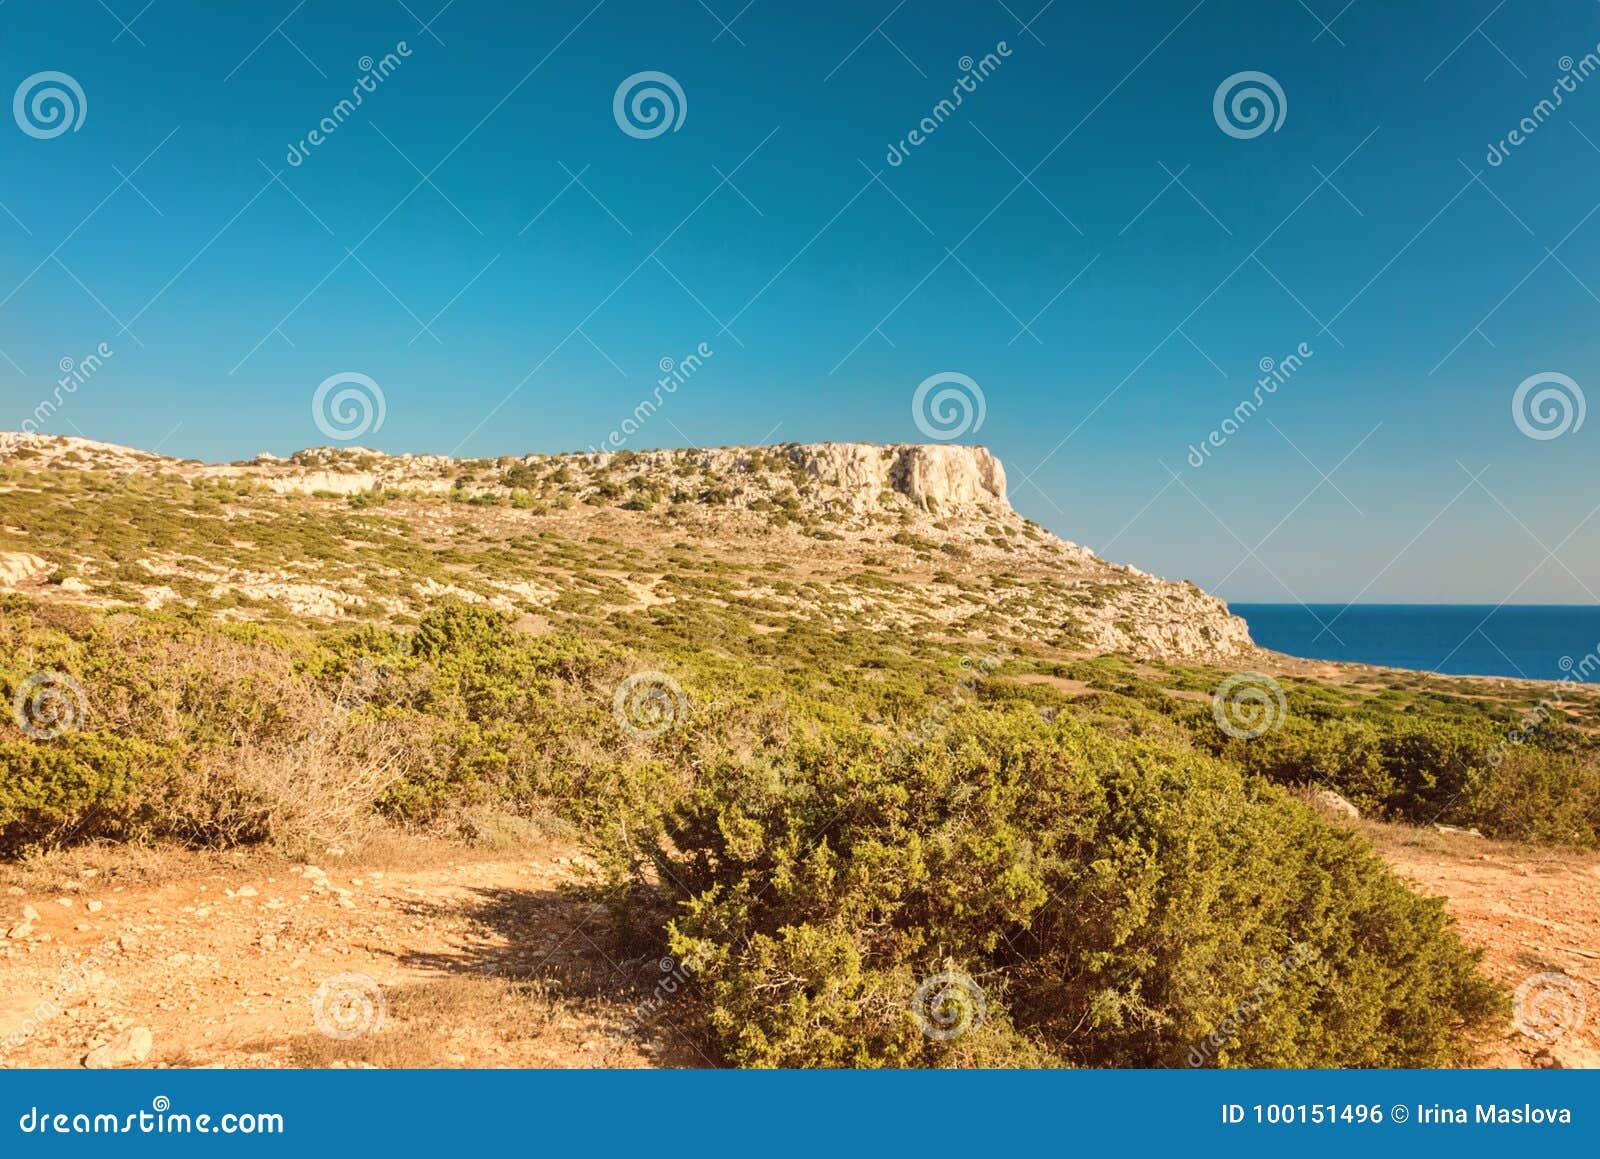 塞浦路斯Ayia Napa,海角格雷科半岛,全国森林公园